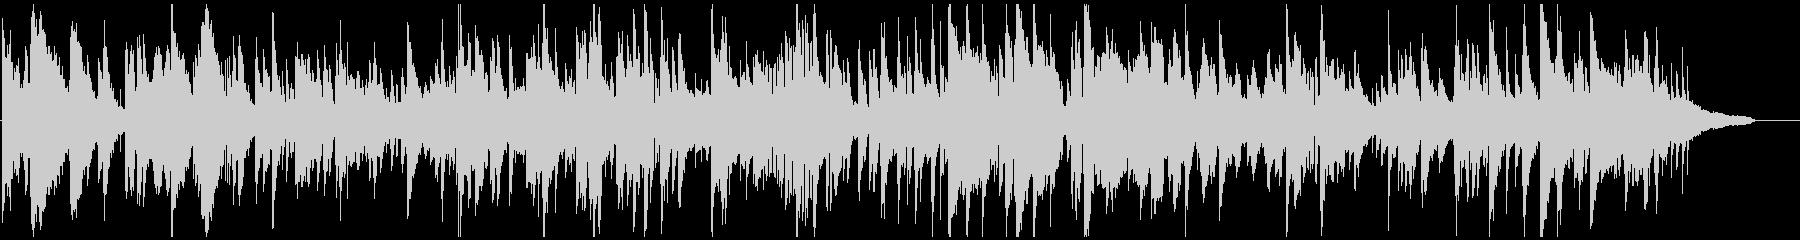 妖しい音色のサスペンス系サックスバラードの未再生の波形